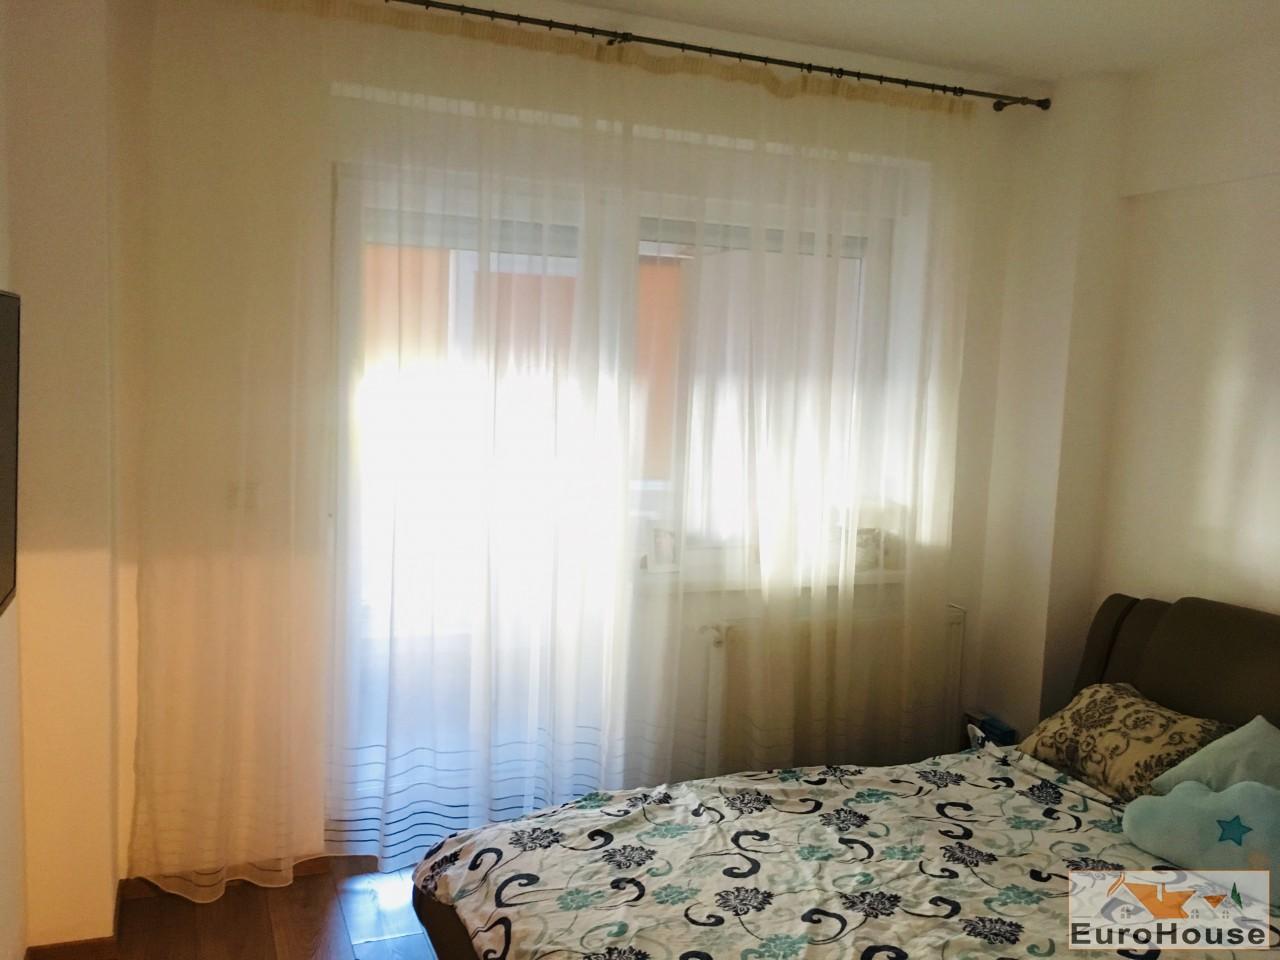 Apartament 2 camere de inchiriat Alba Iulia -34151-